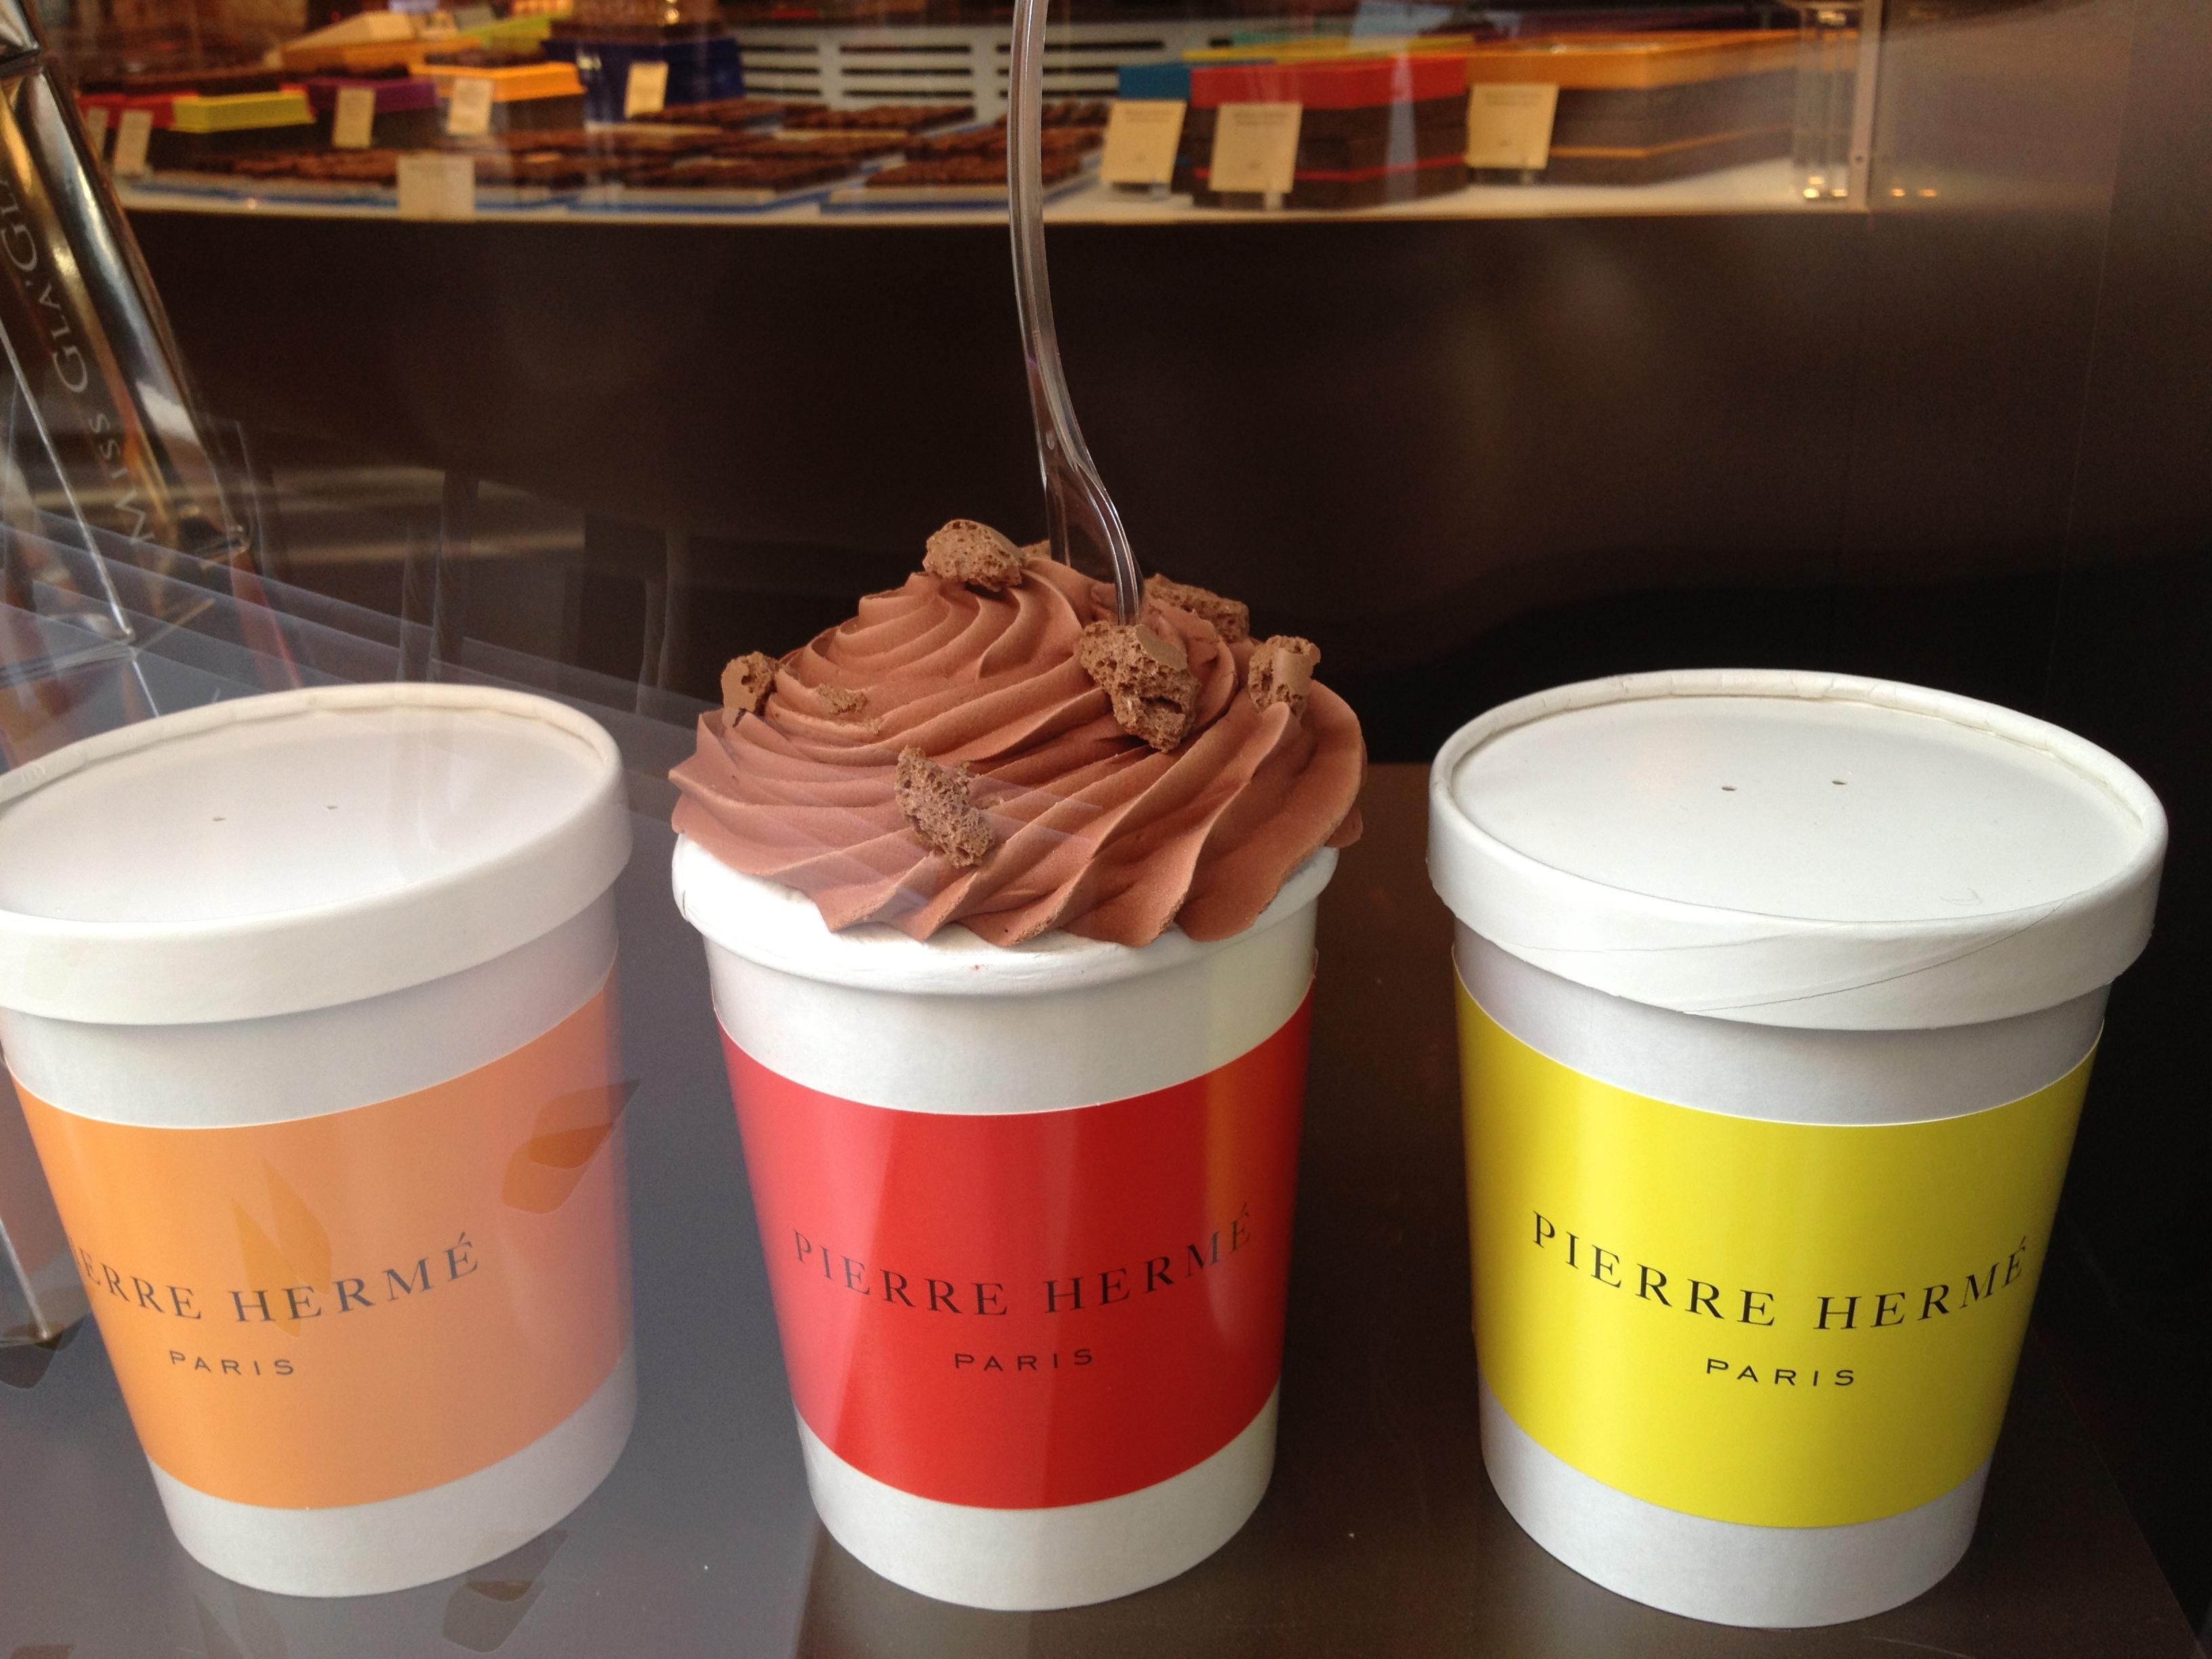 And Hermé In Ritournelle Pierre Cream Le Ice Store Marais New – lcF3K1TJ